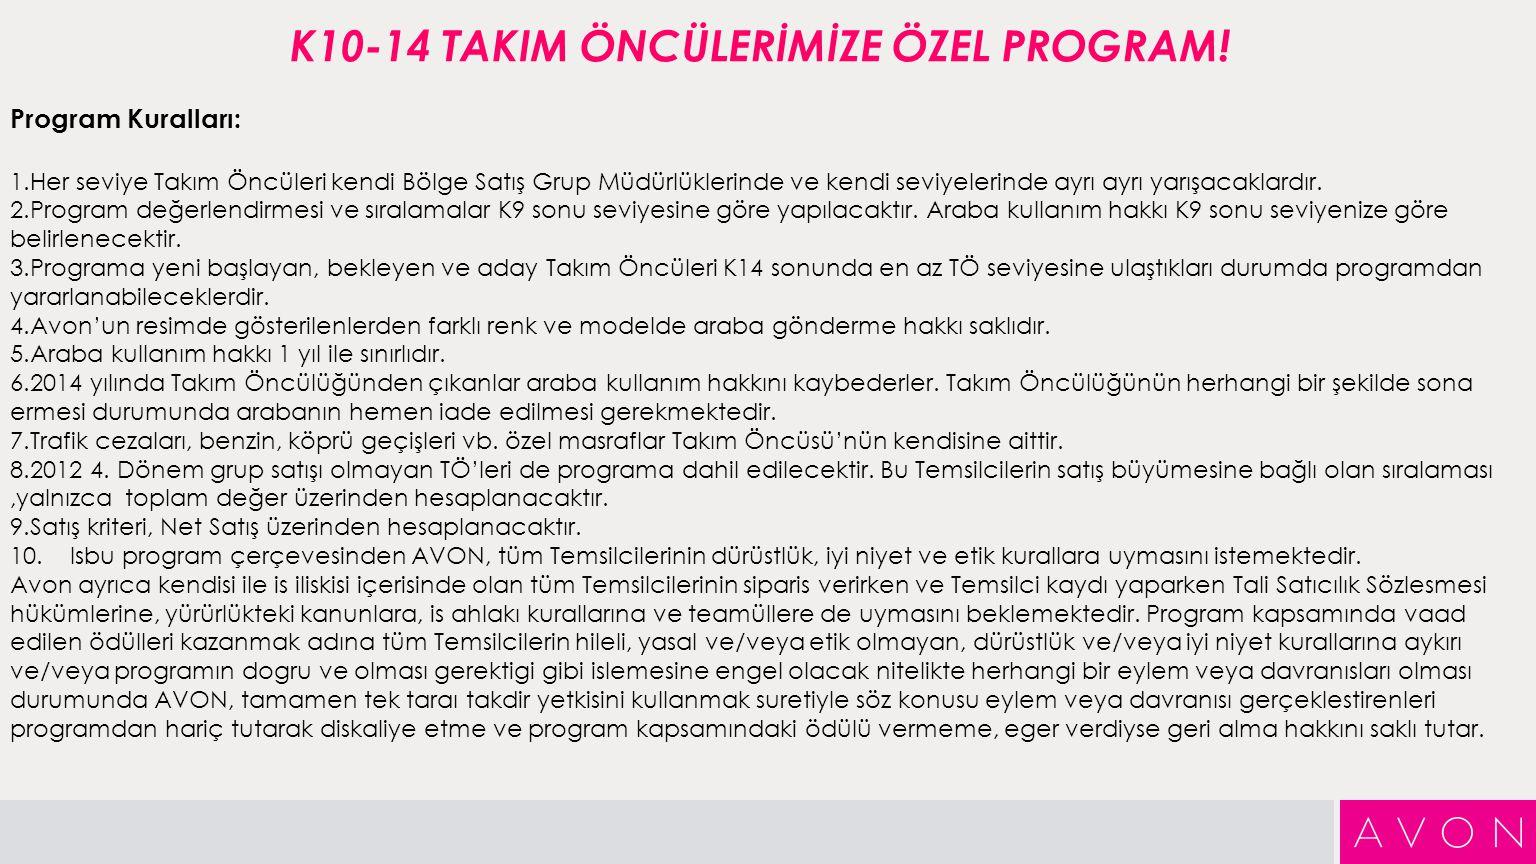 K10-14 TAKIM ÖNCÜLERİMİZE ÖZEL PROGRAM.